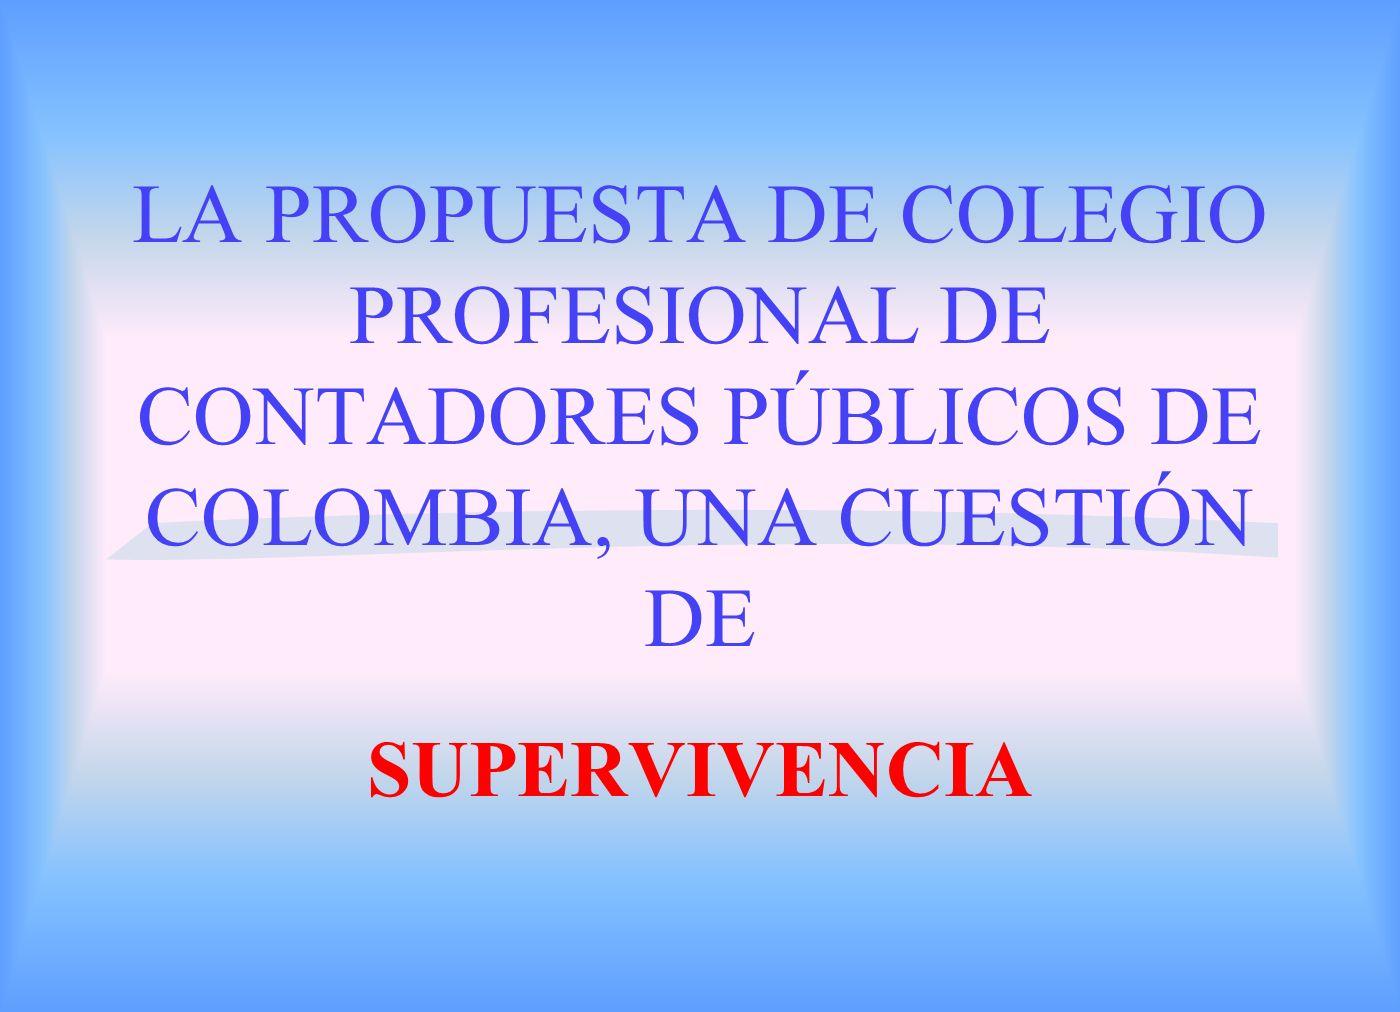 LA PROPUESTA DE COLEGIO PROFESIONAL DE CONTADORES PÚBLICOS DE COLOMBIA, UNA CUESTIÓN DE